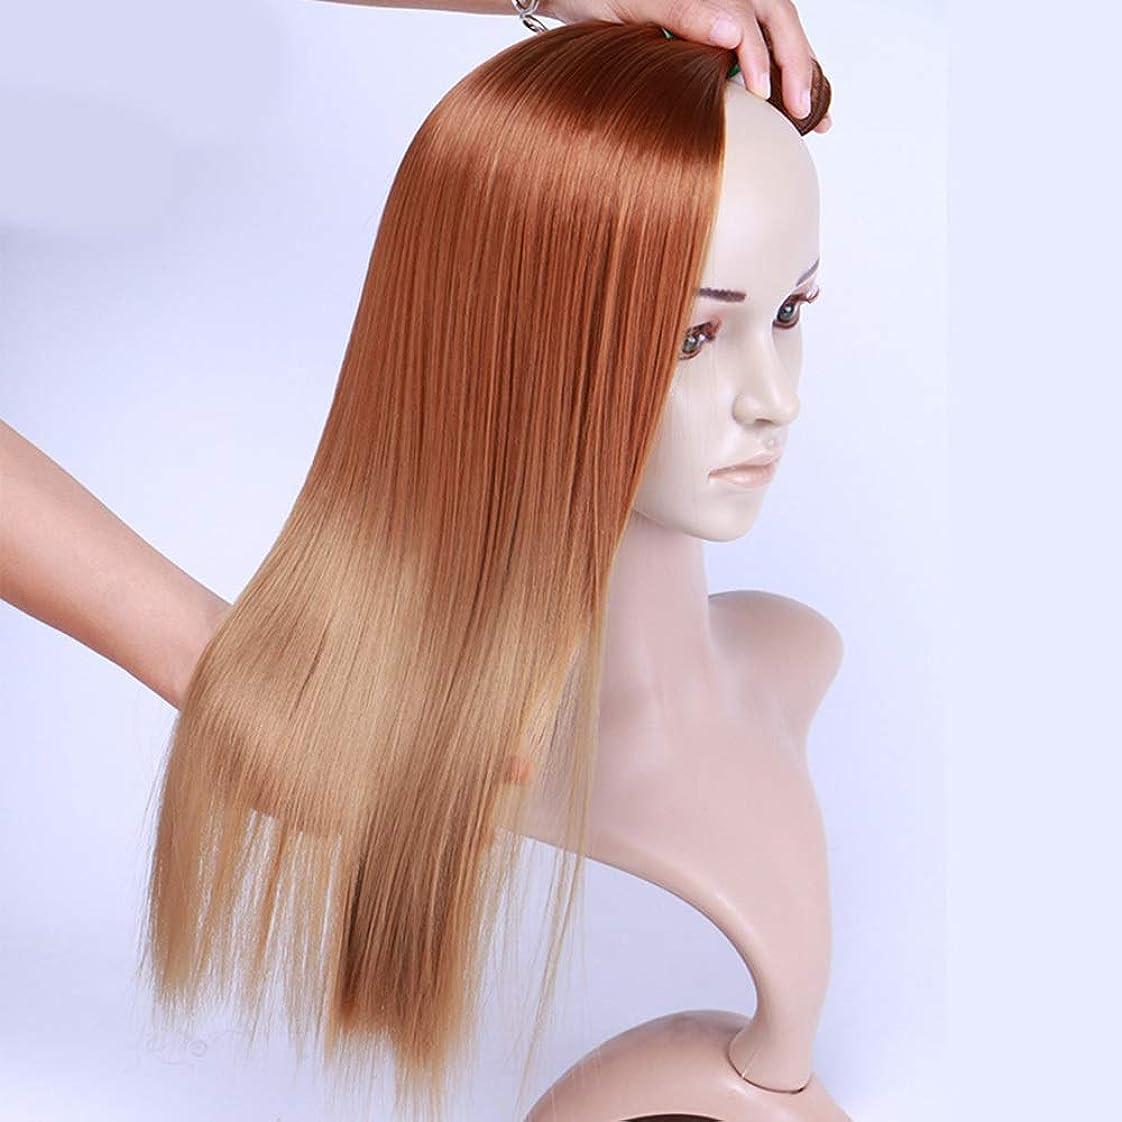 罰請求相談BOBIDYEE 絹のようなストレートの髪織り3バンドルヘアエクステンション - 女性のための茶色がかった黄色の人工毛レースのかつらロールプレイングウィッグロングとショートの女性自然 (色 : Brownish yellow, サイズ : 16